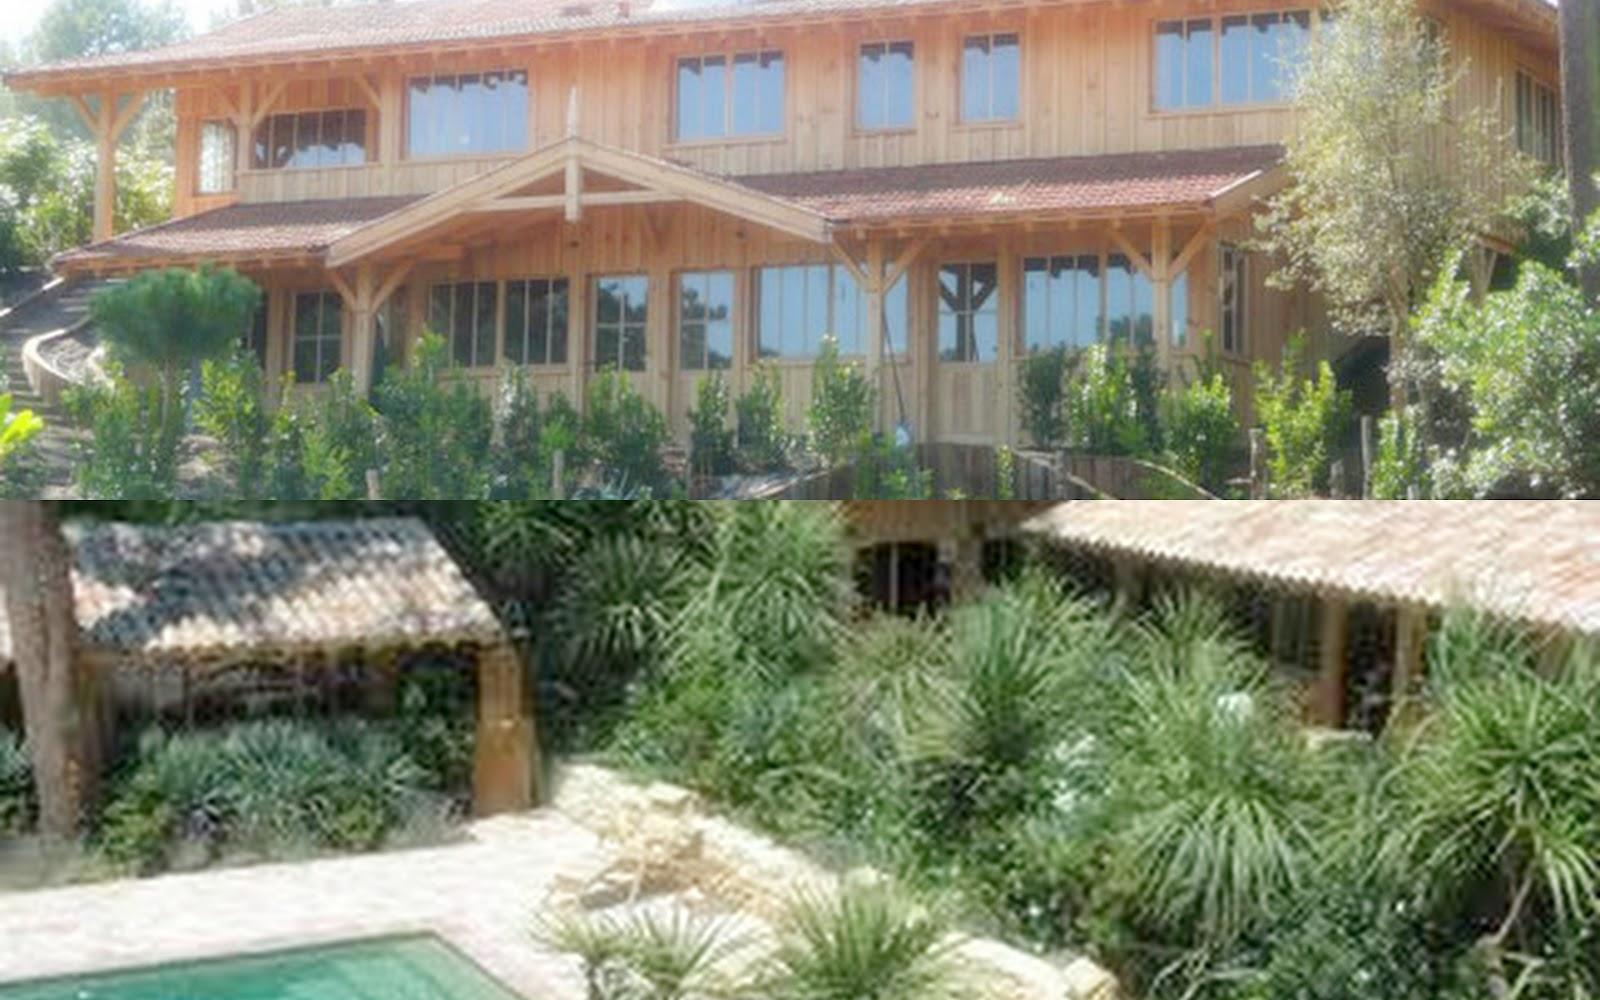 Maison du bassin la cabane duhortense with maison du for Restaurant le jardin du cap